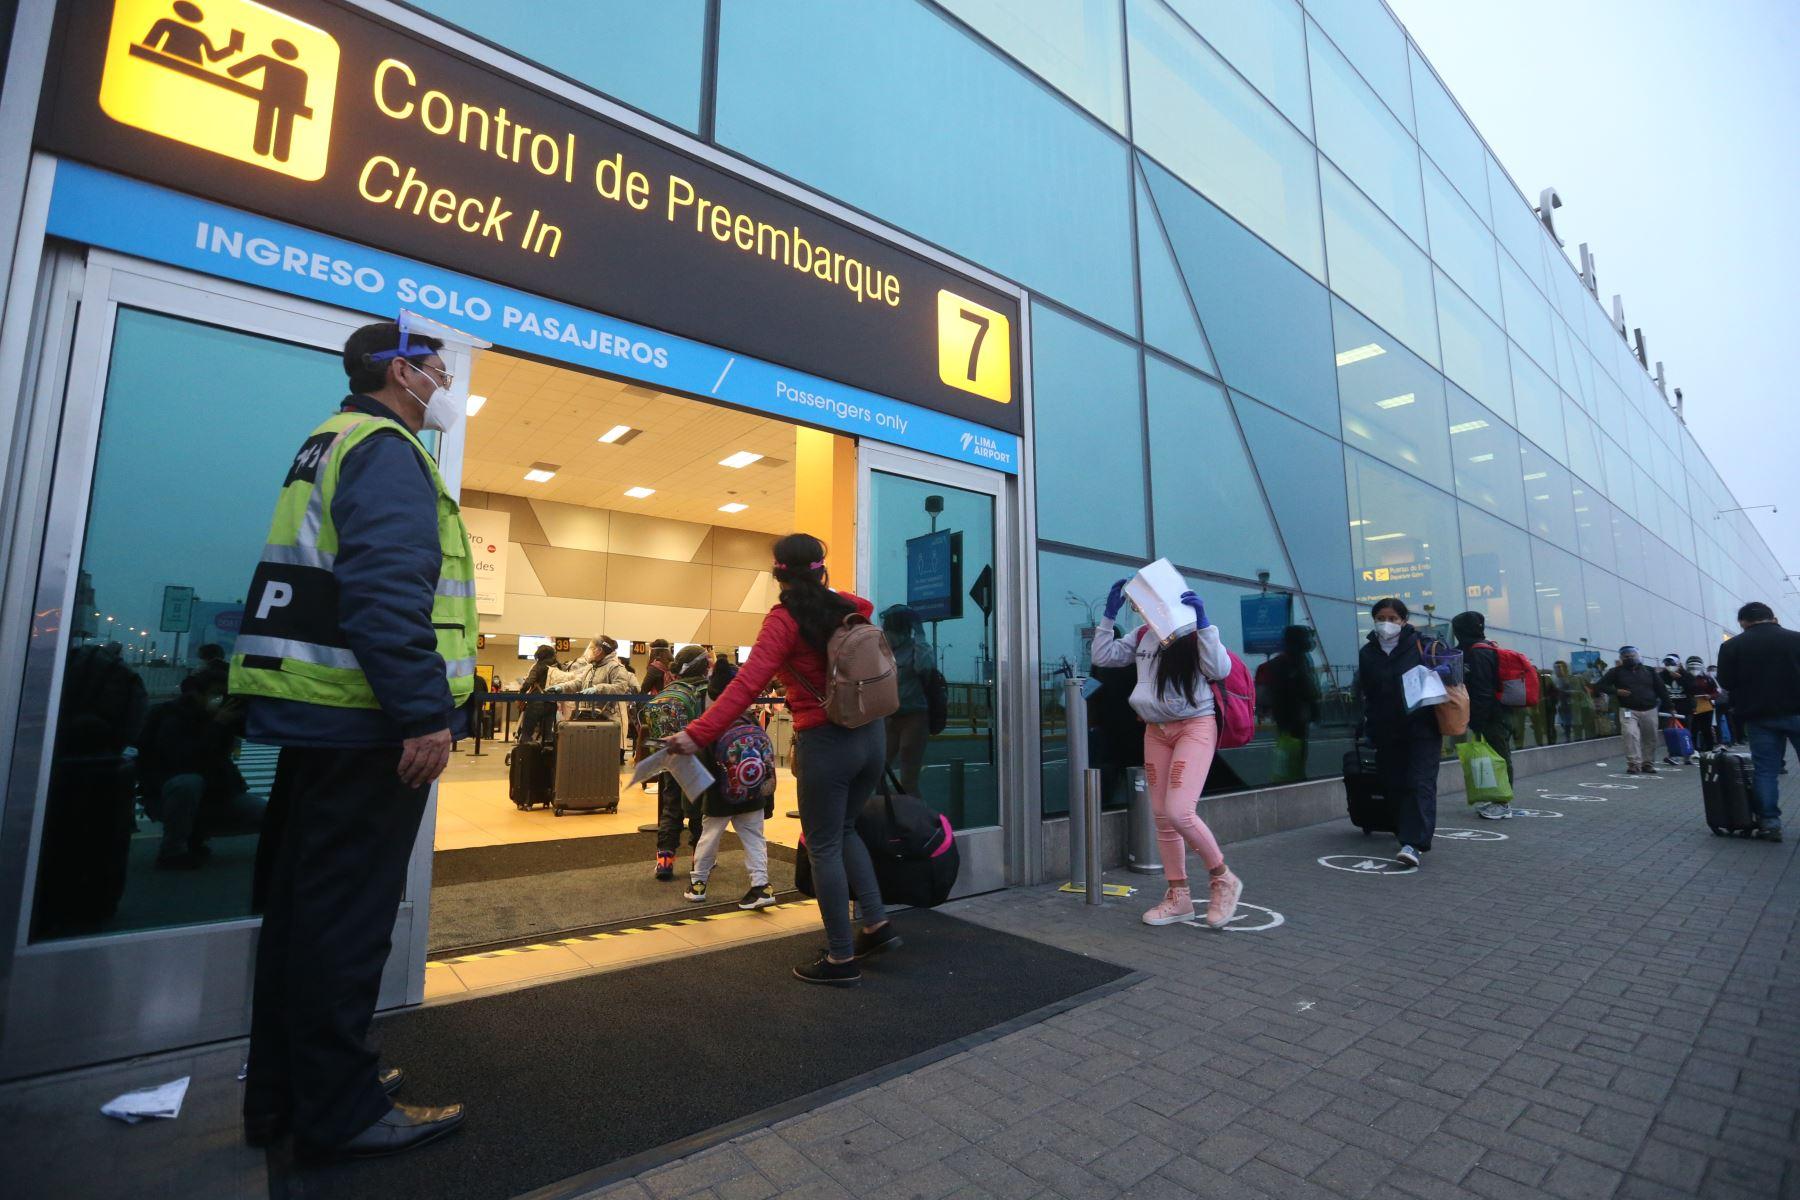 Coronavirus: ¿Qué pruebas exigen para viajar por el Perú?, ¿dónde las toman?, ¿cuánto cuestan?